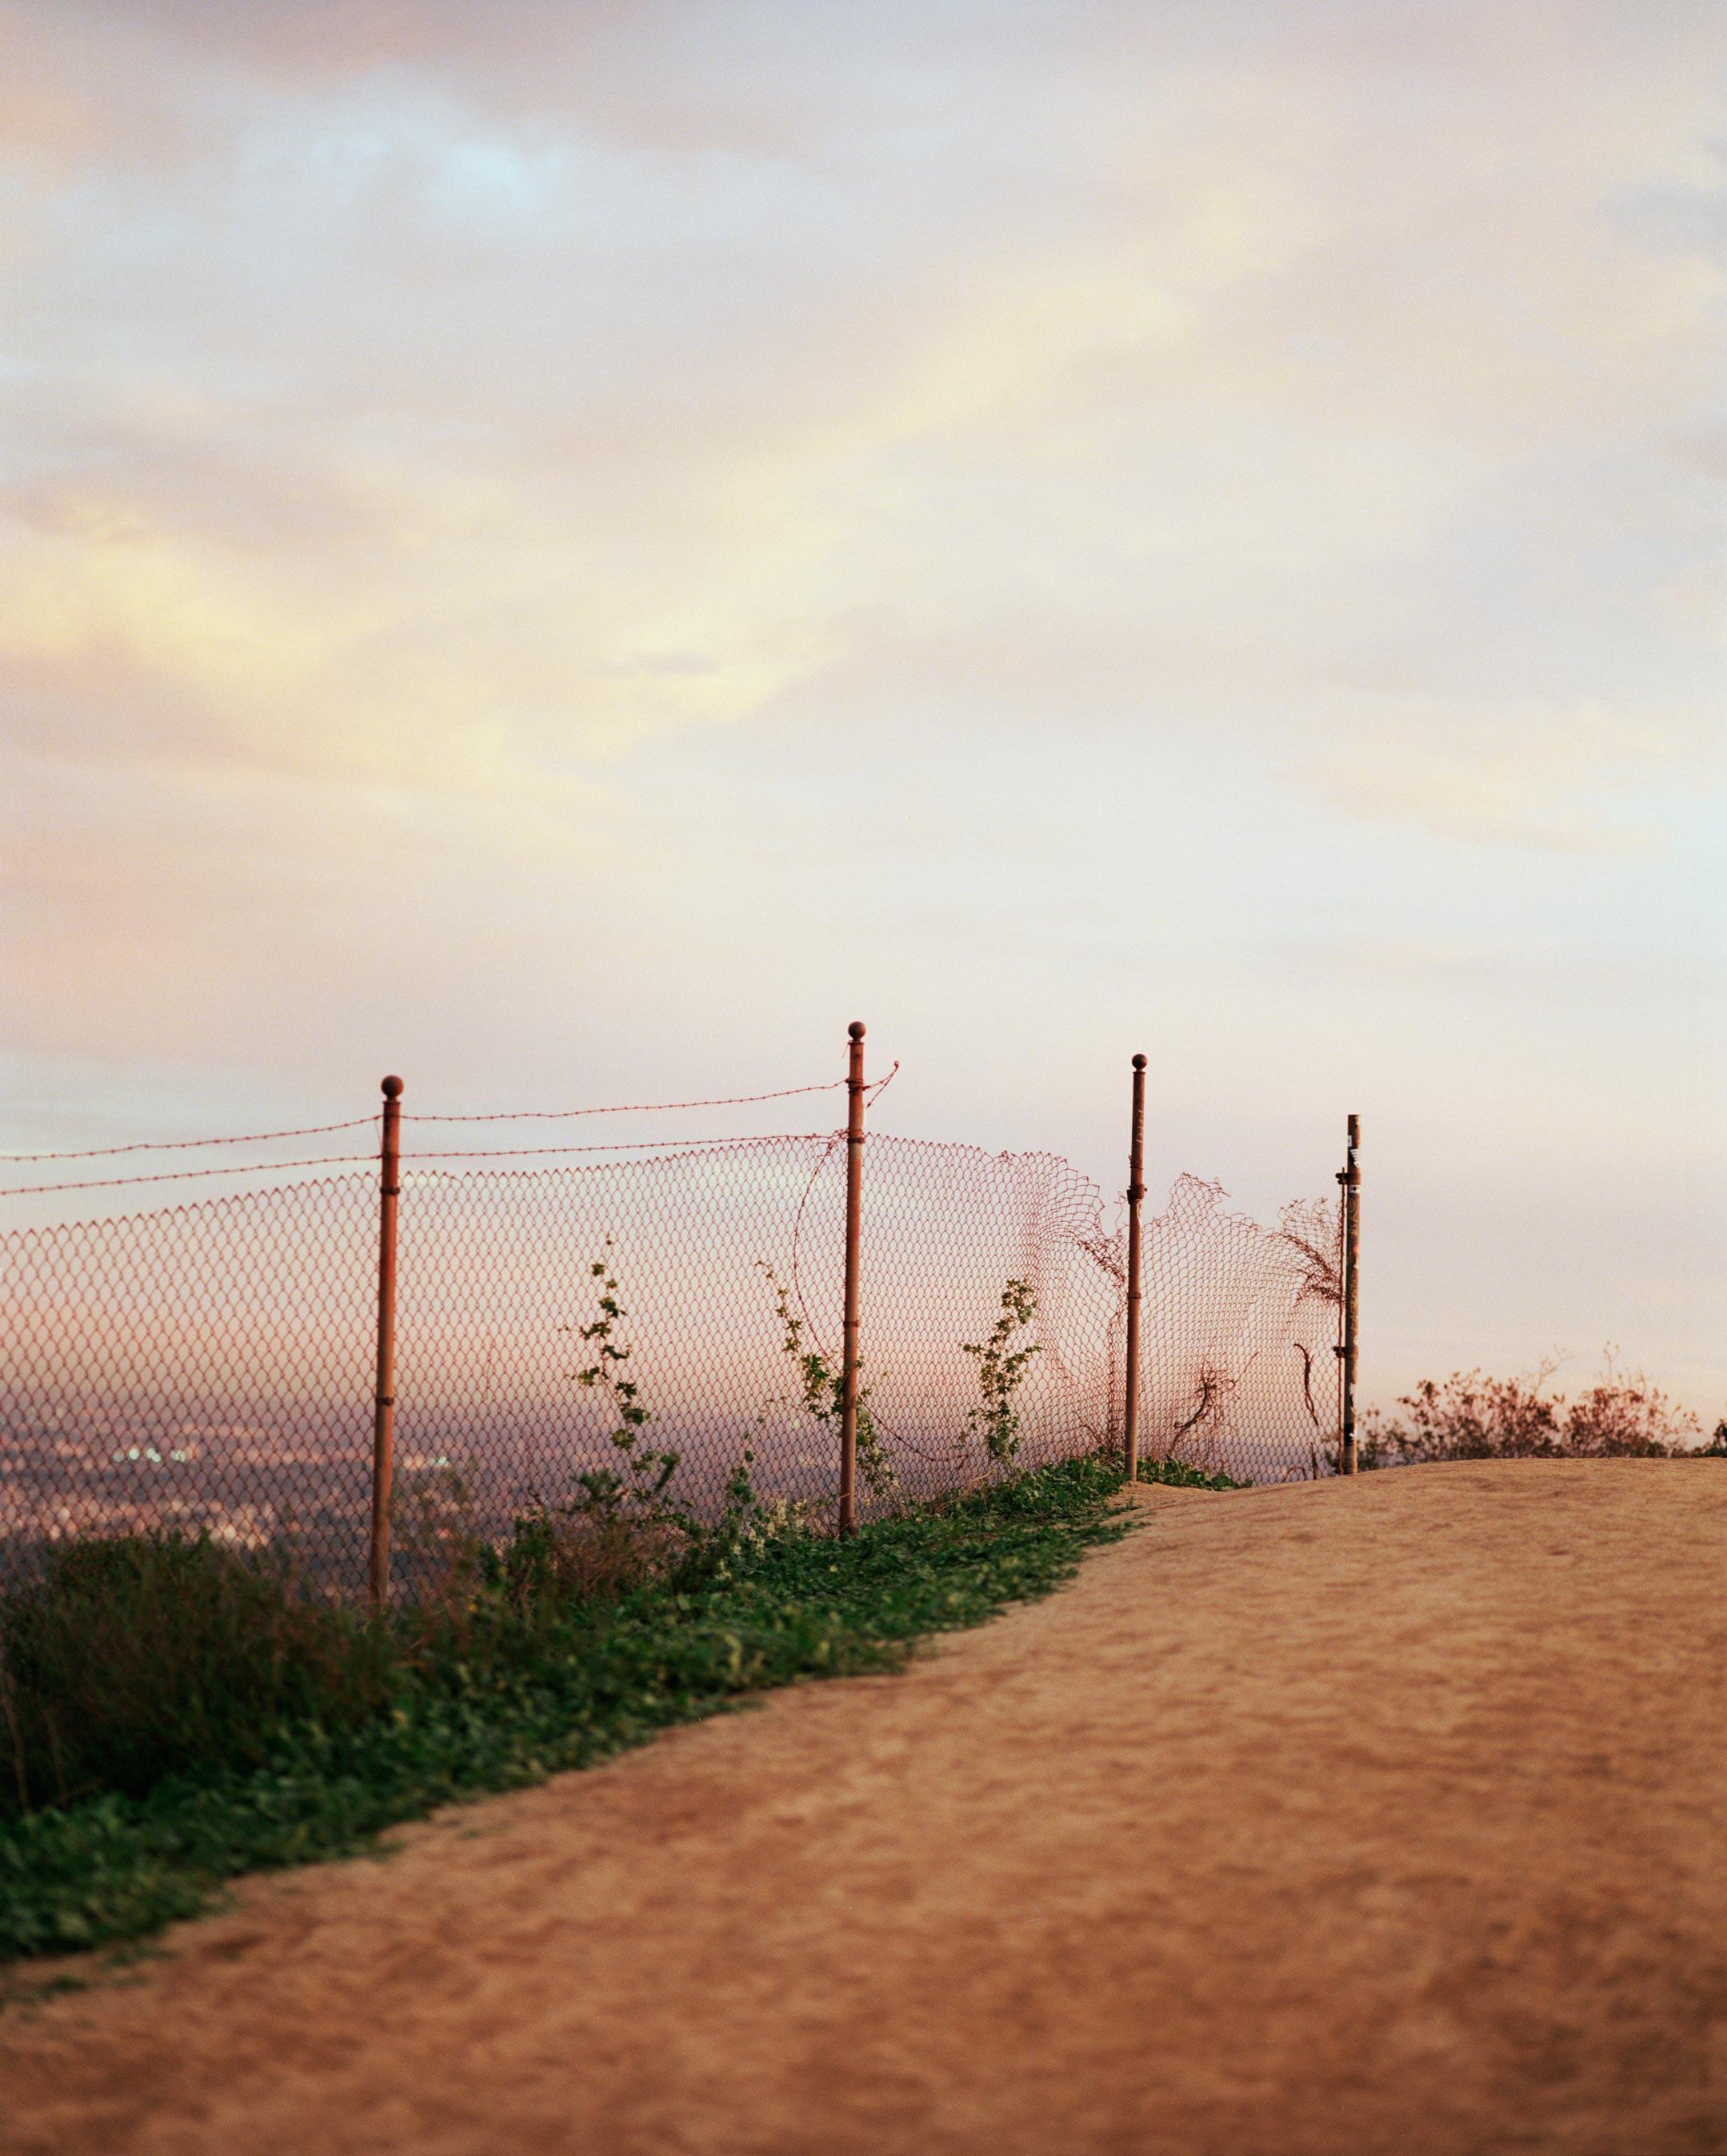 Fence-Hilltop-1